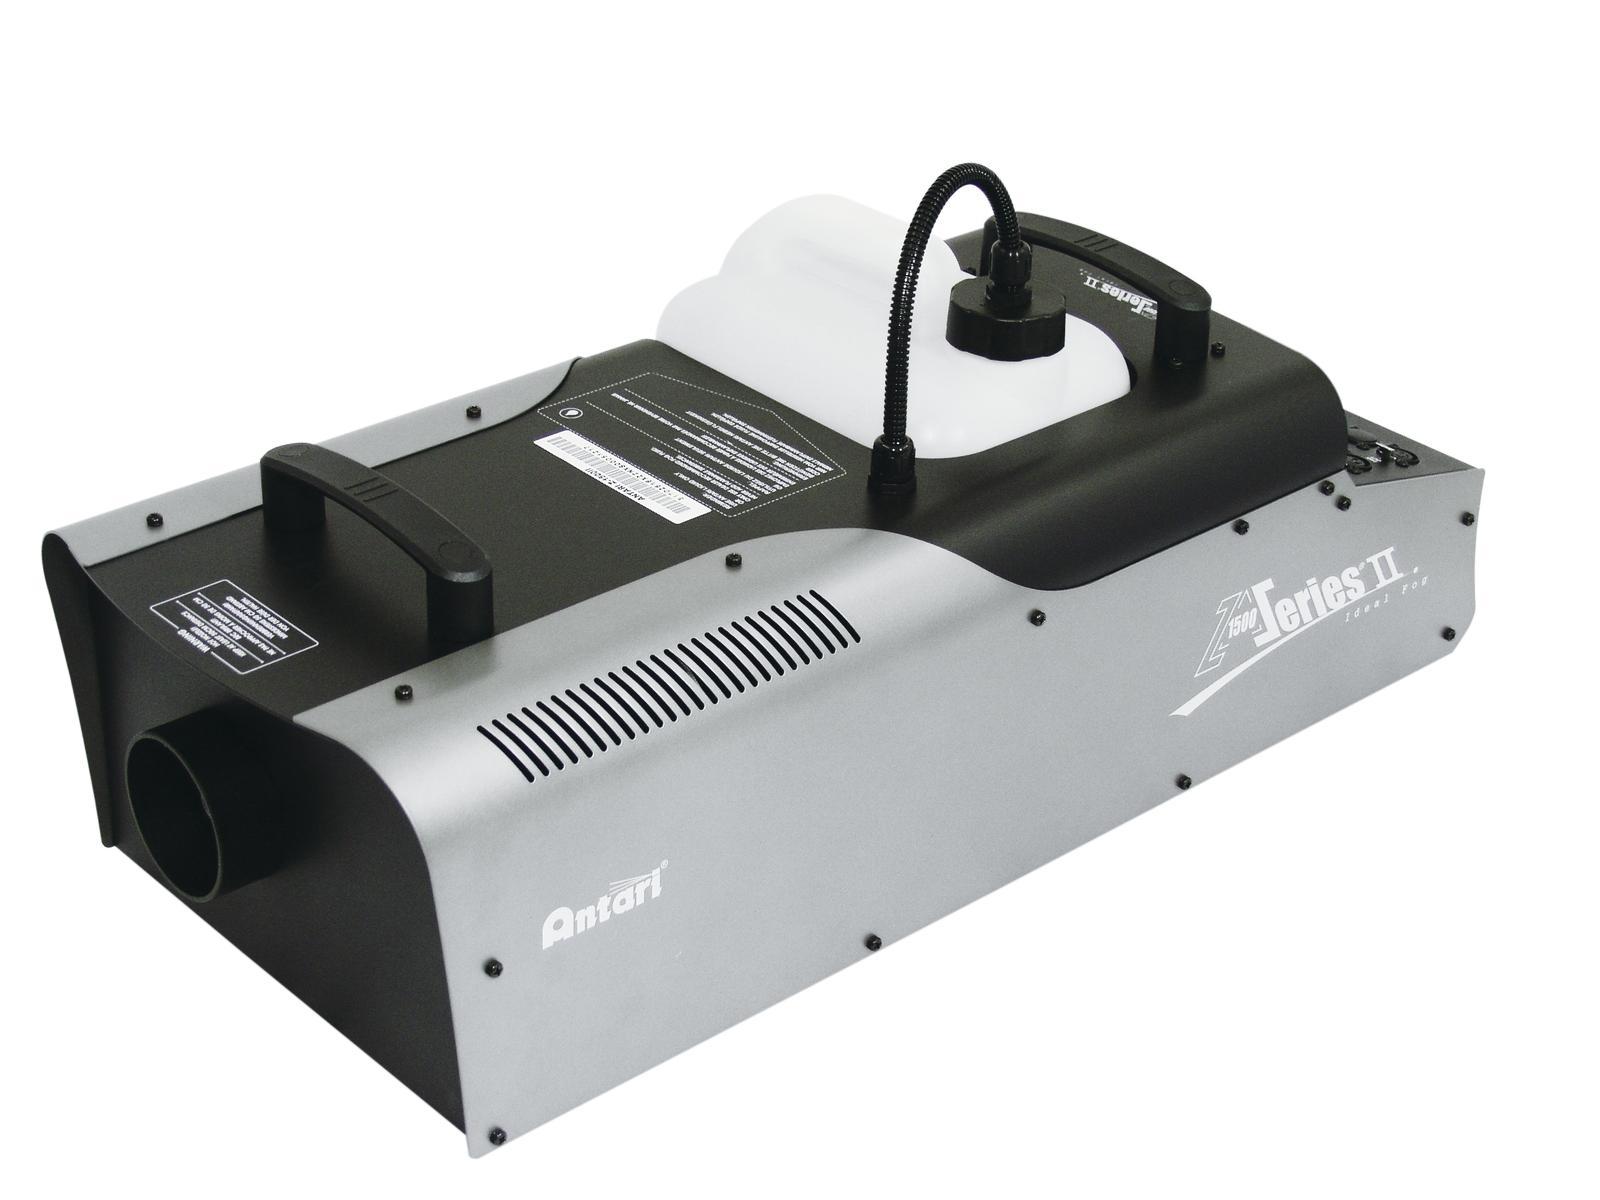 Macchina del fumo professionale, 1500 W, telecomando ANTARI Z-1500 MK2